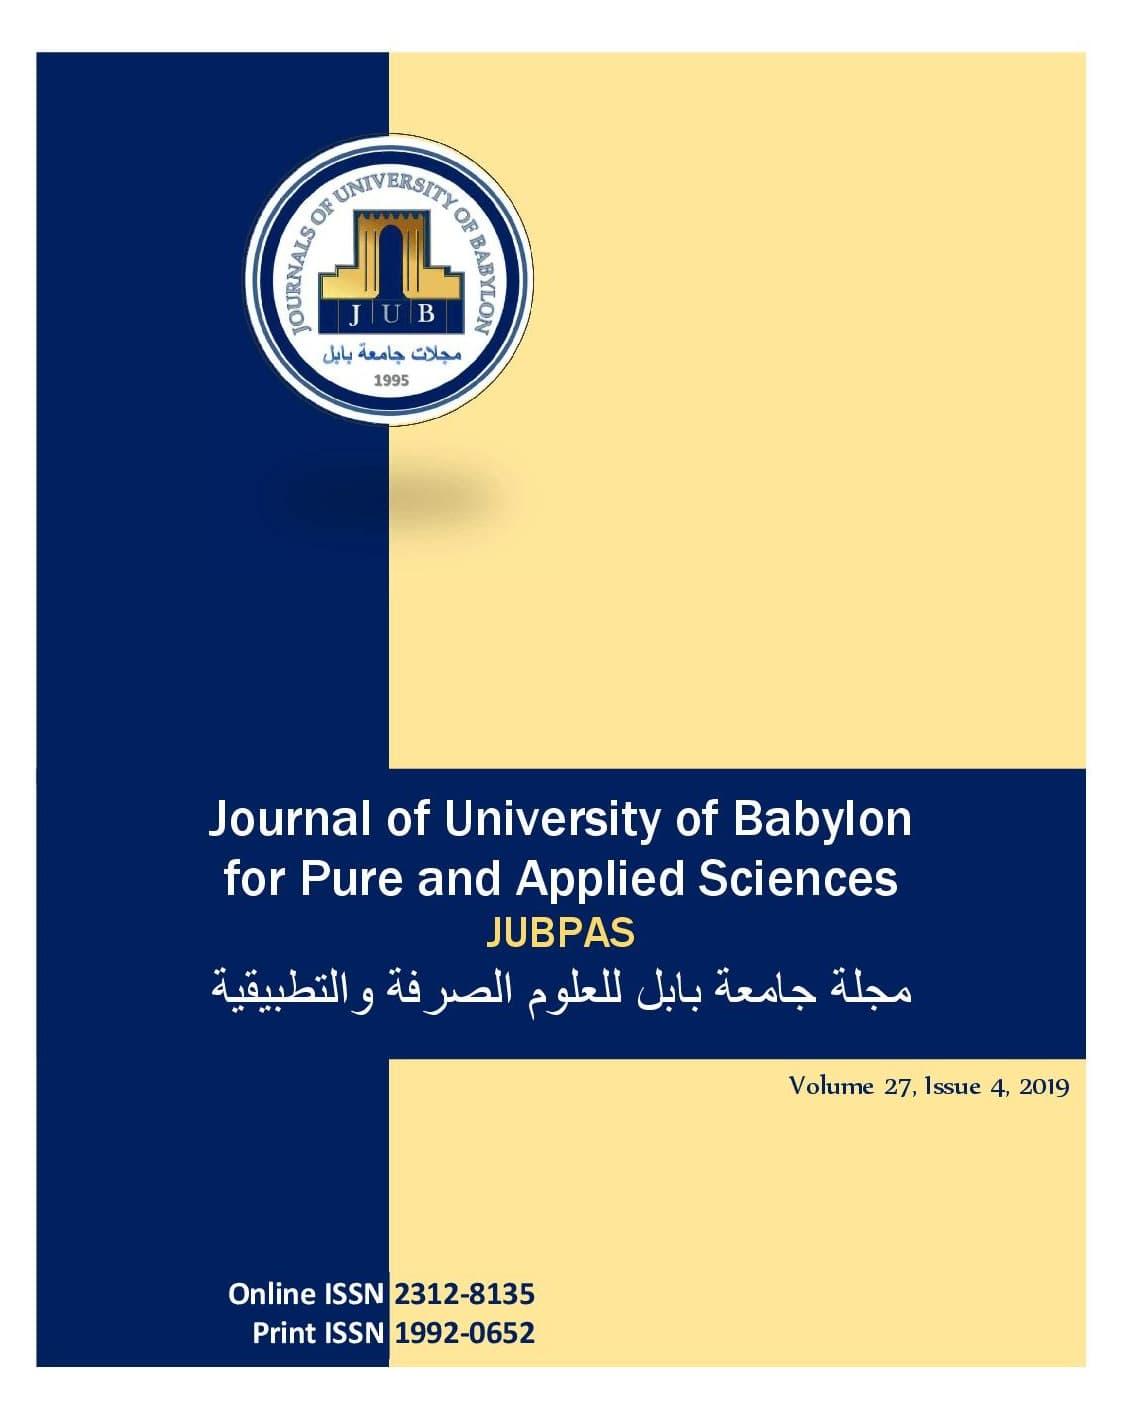 JUBPAS, vol. 27, no. 4, 2019